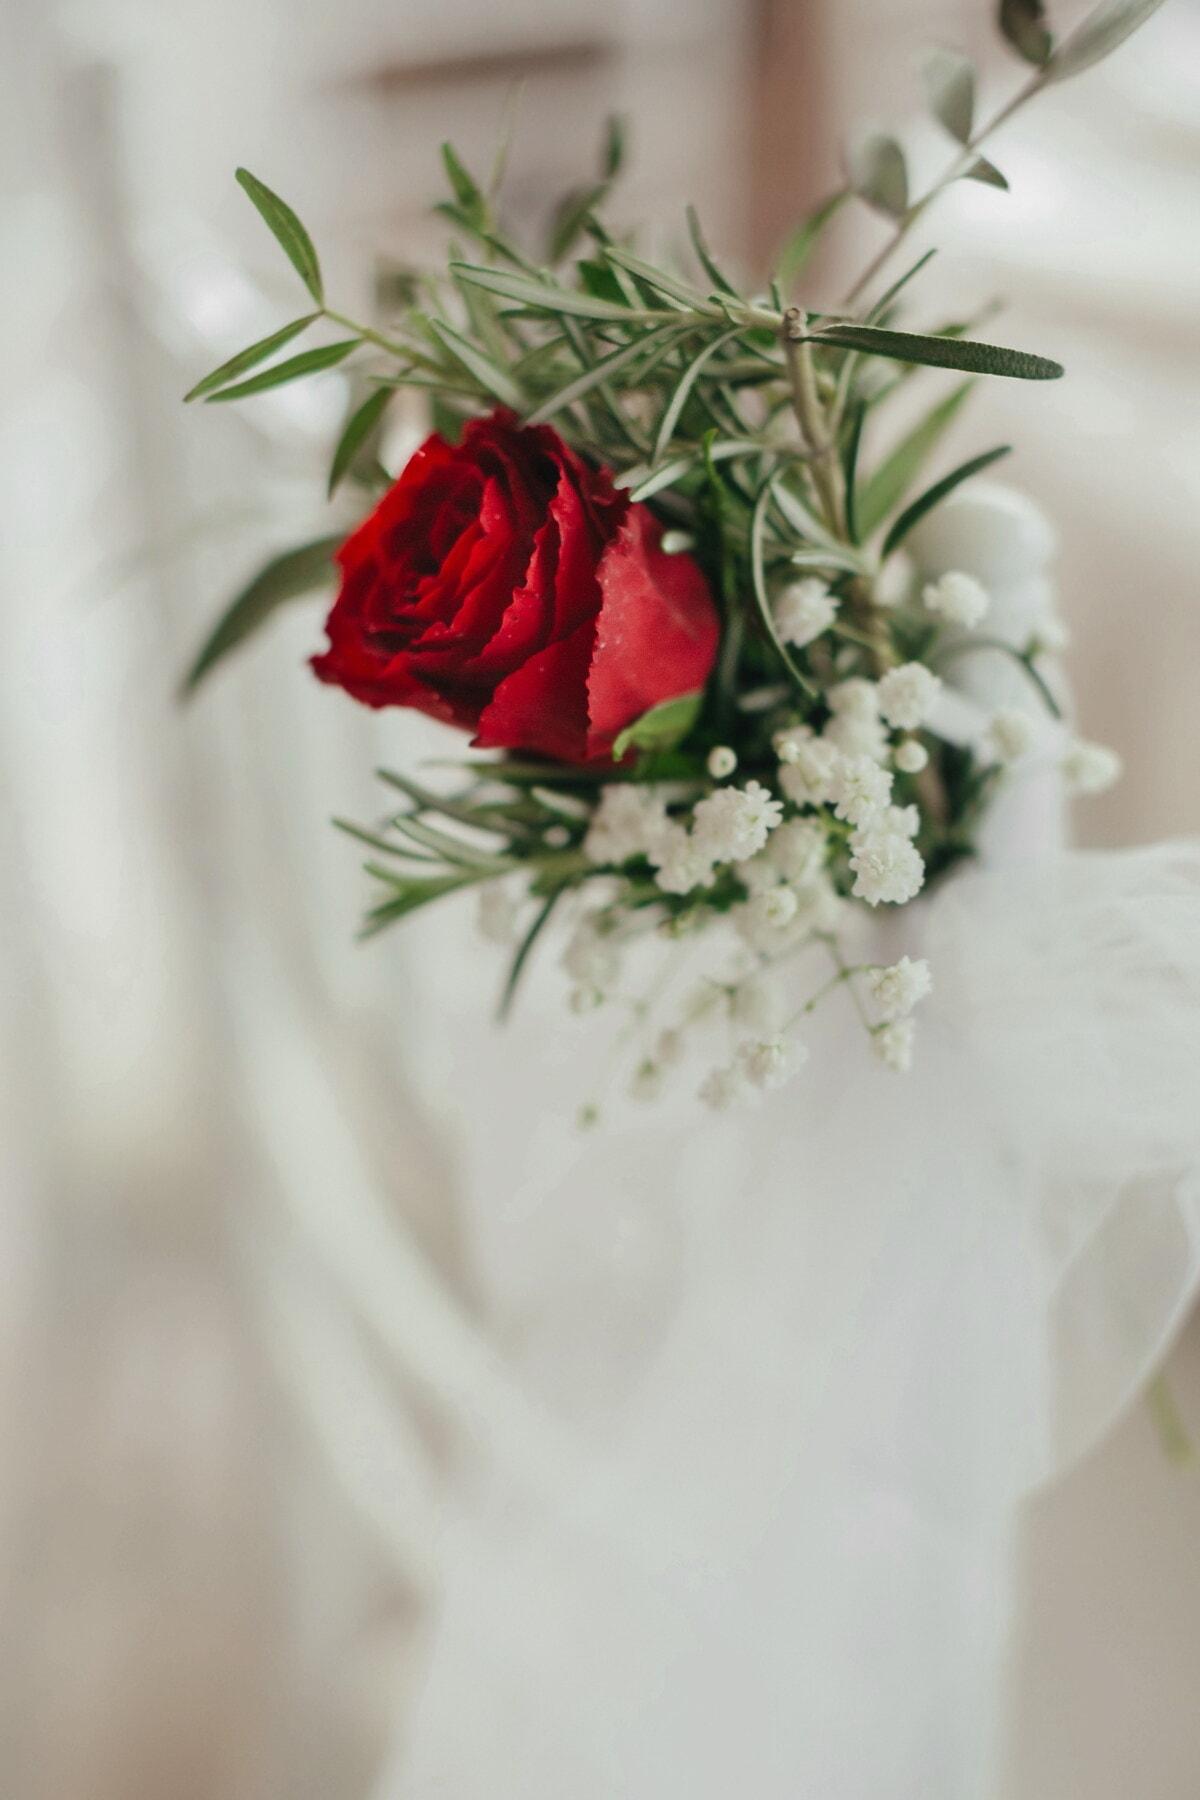 kytice, červená, minimalismus, miniaturní, elegantní, růže, svatba, příroda, květ, vánoční